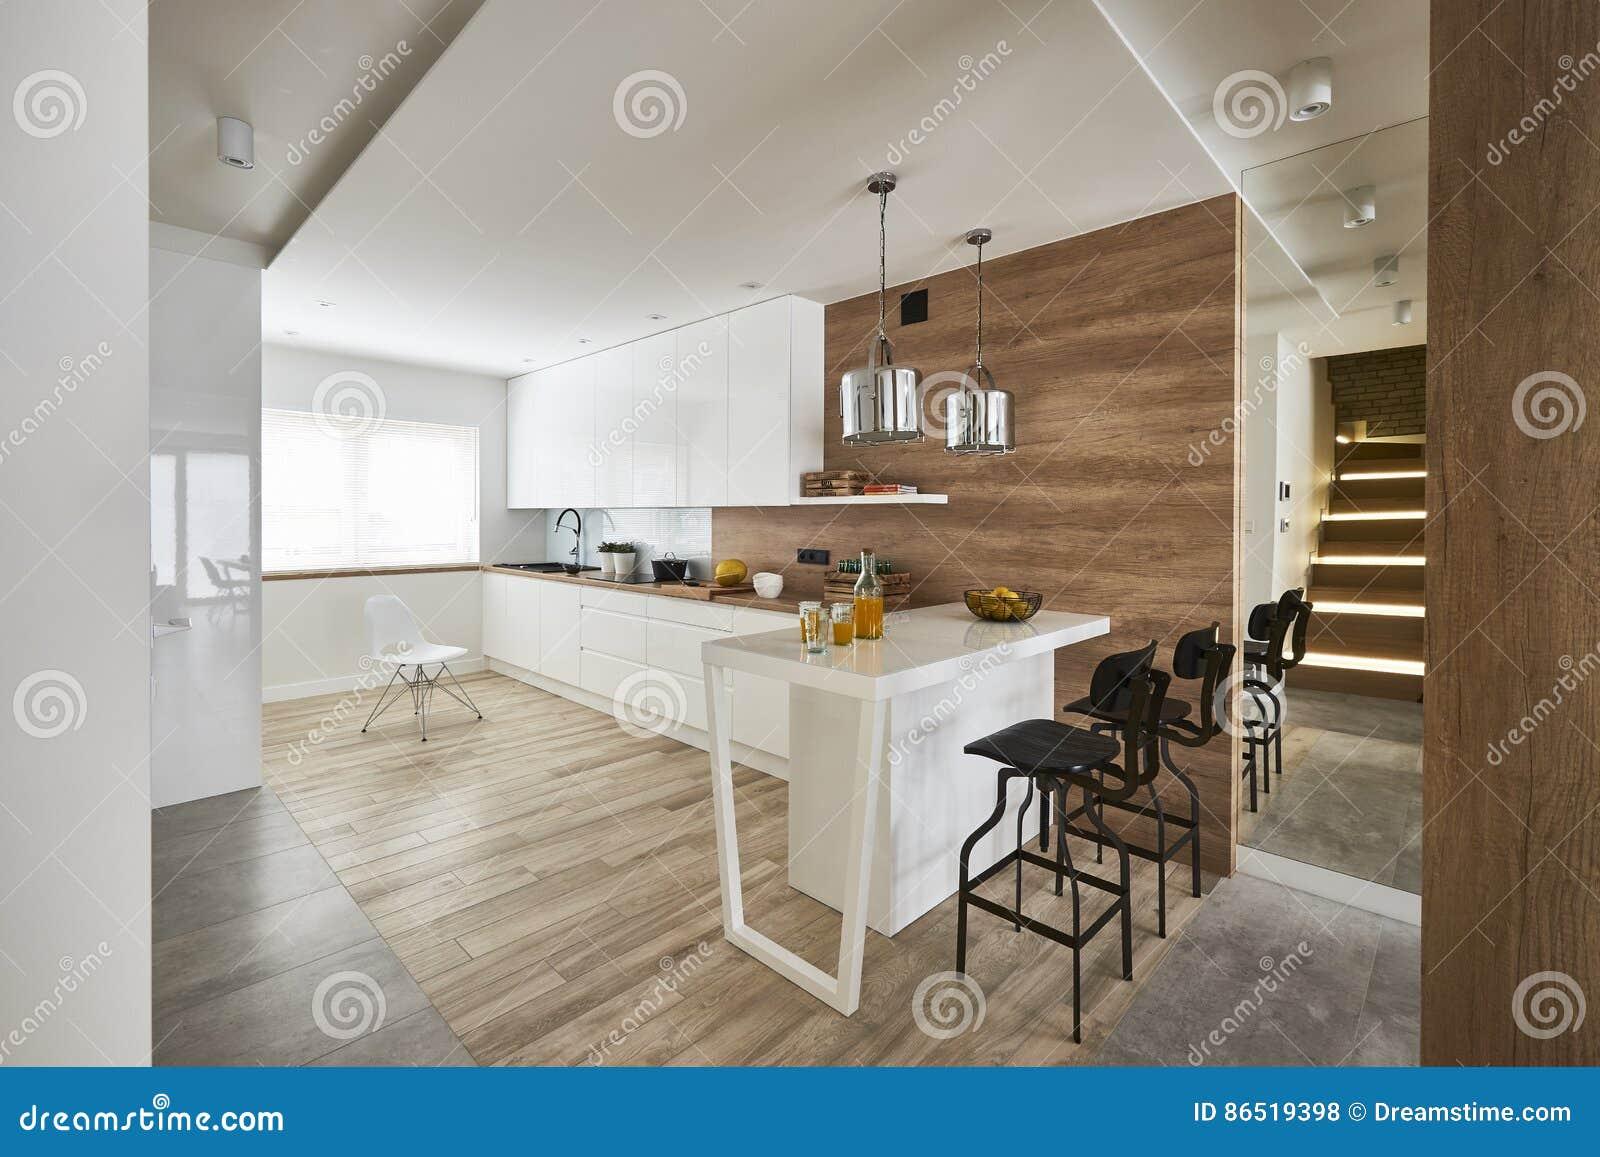 Cozinha Moderna Com Miror E As Paredes Marrons Brancas Foto De Stock